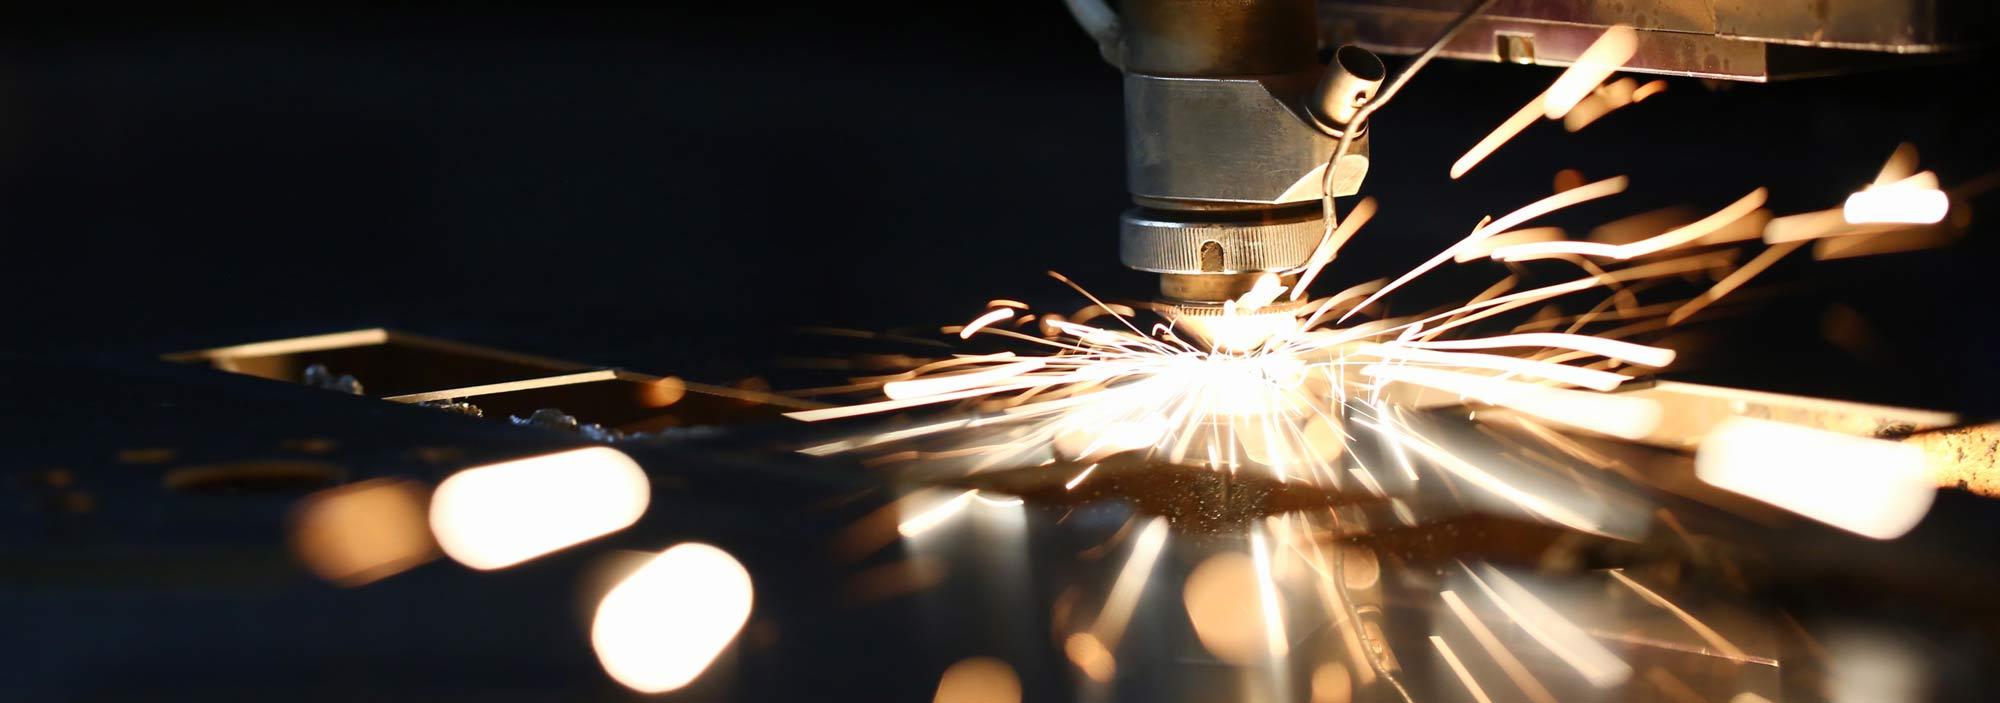 Mietfinanz Finanzierungsrechner für Industriemaschinen